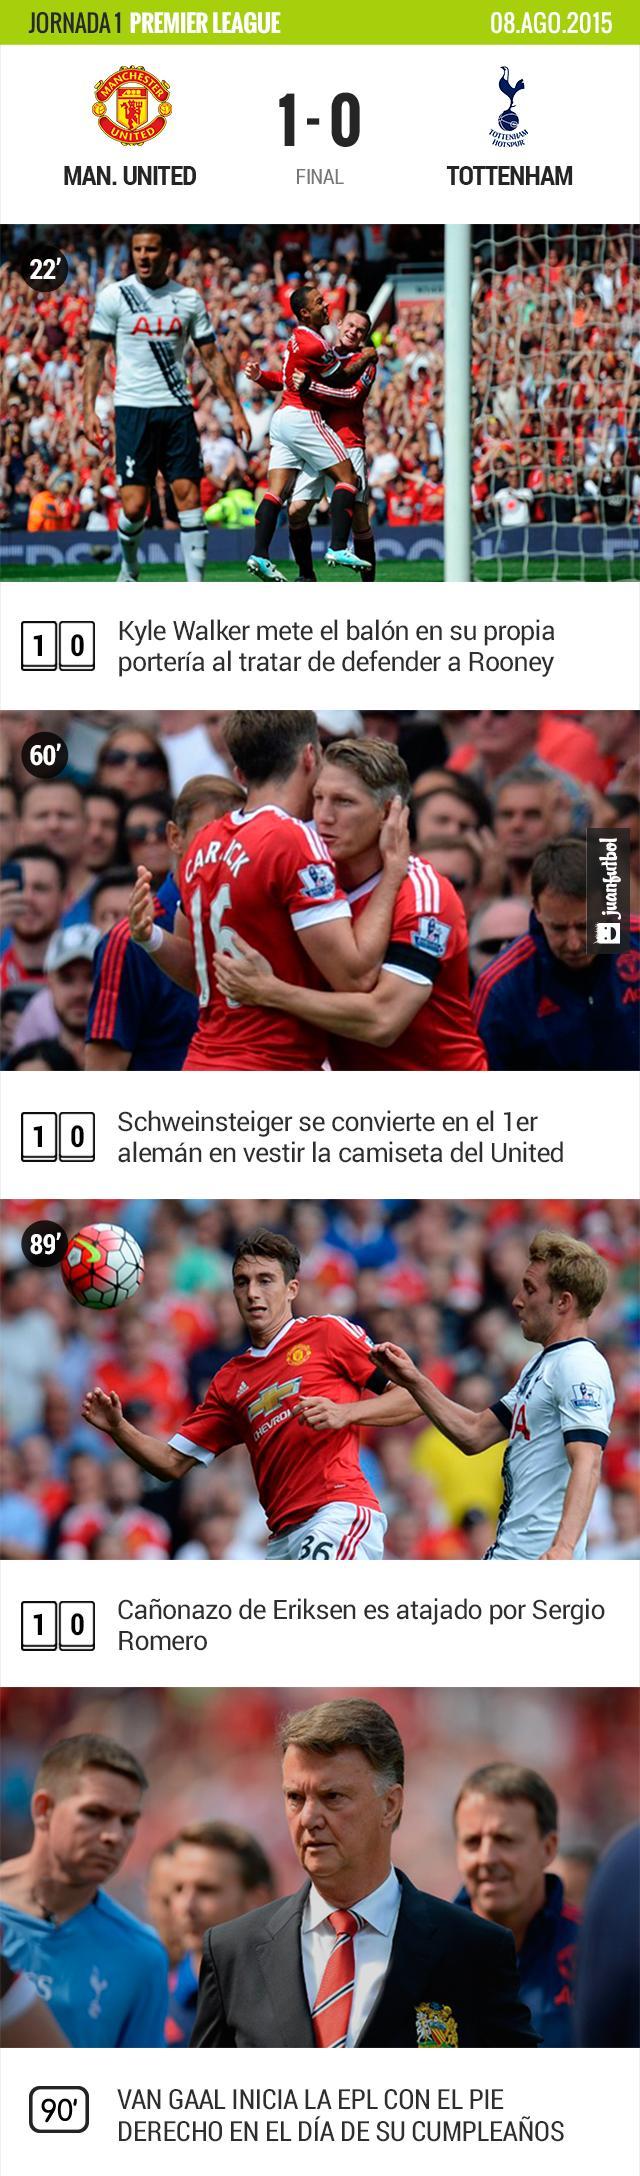 Manchester United consigue tres puntos en su debut en la Premier League ante el Tottenham